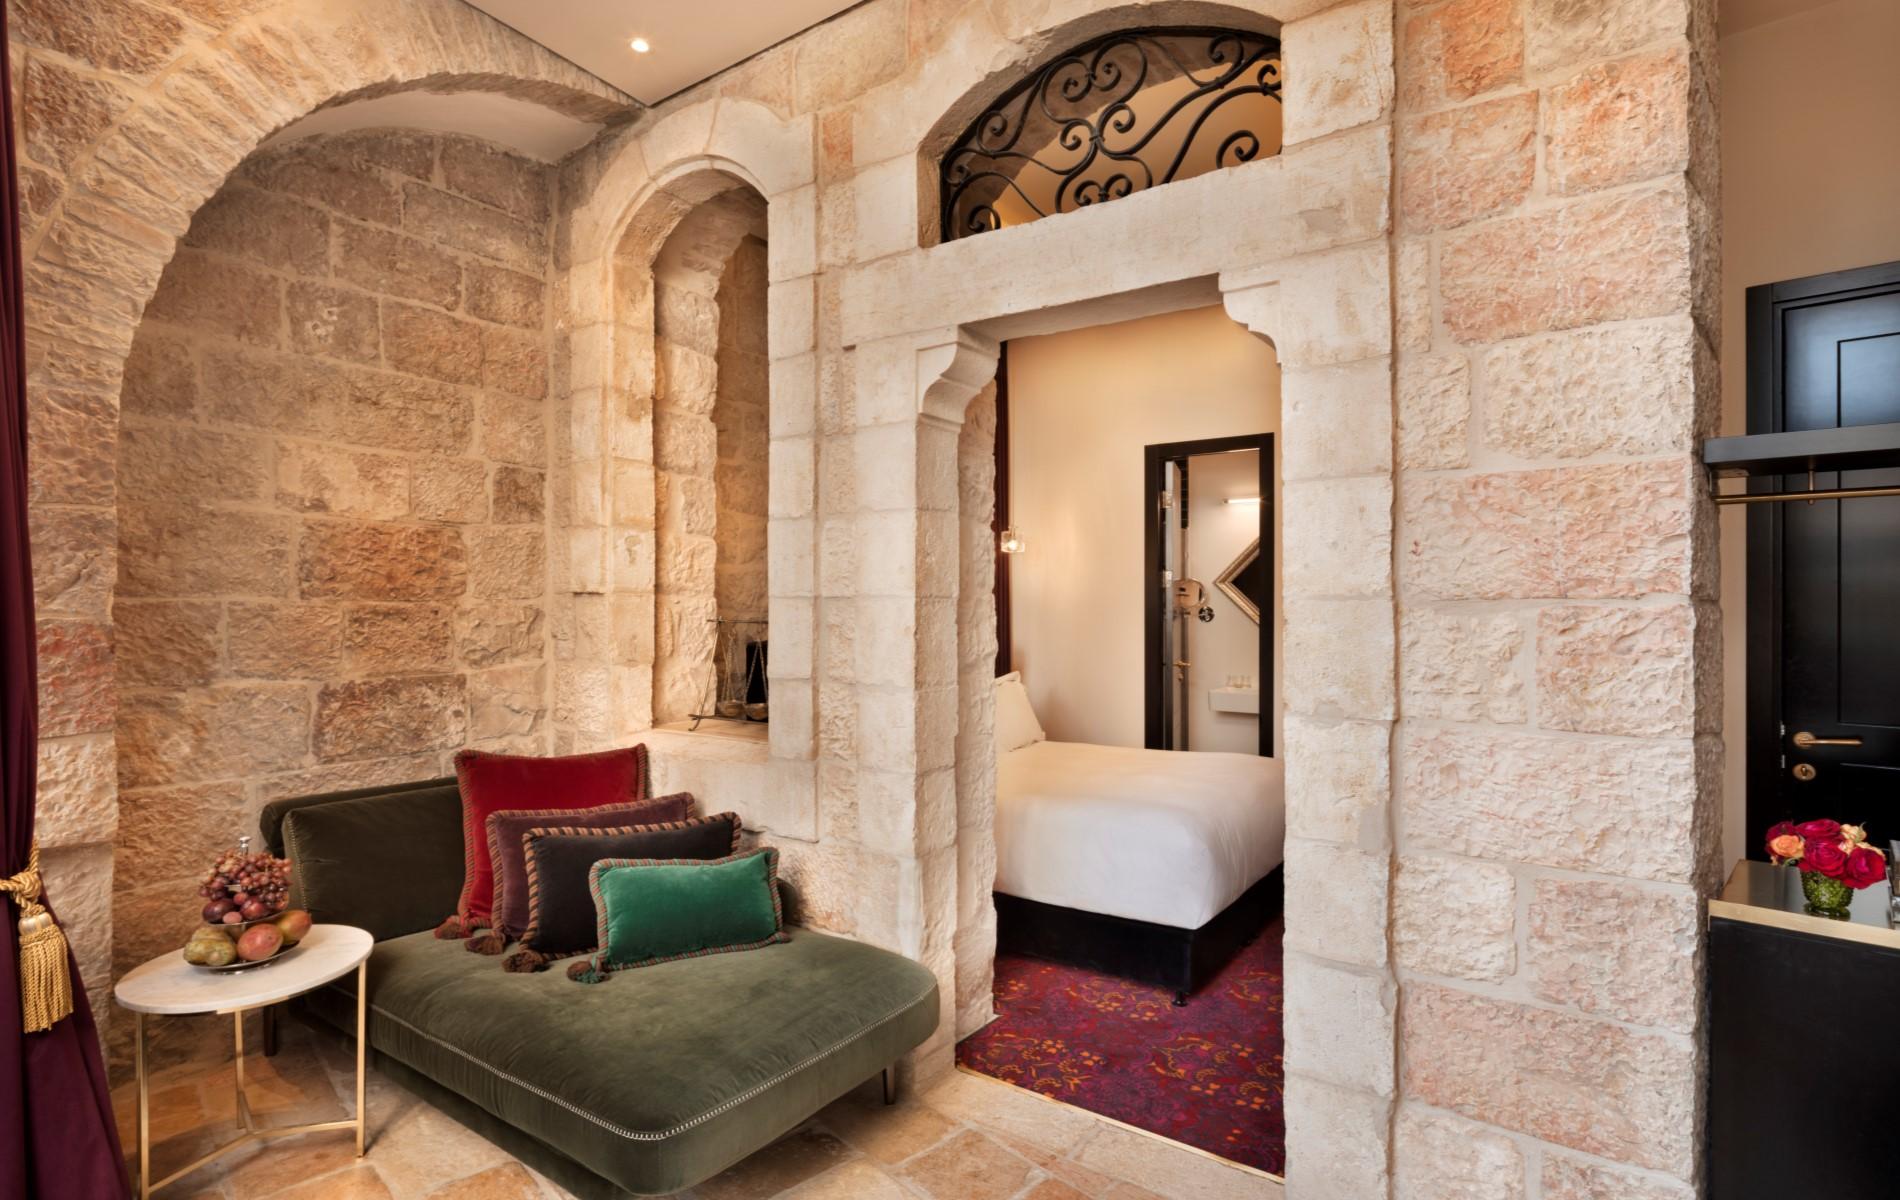 History design boutique hotel by brown hotels for Design hotel jerusalem